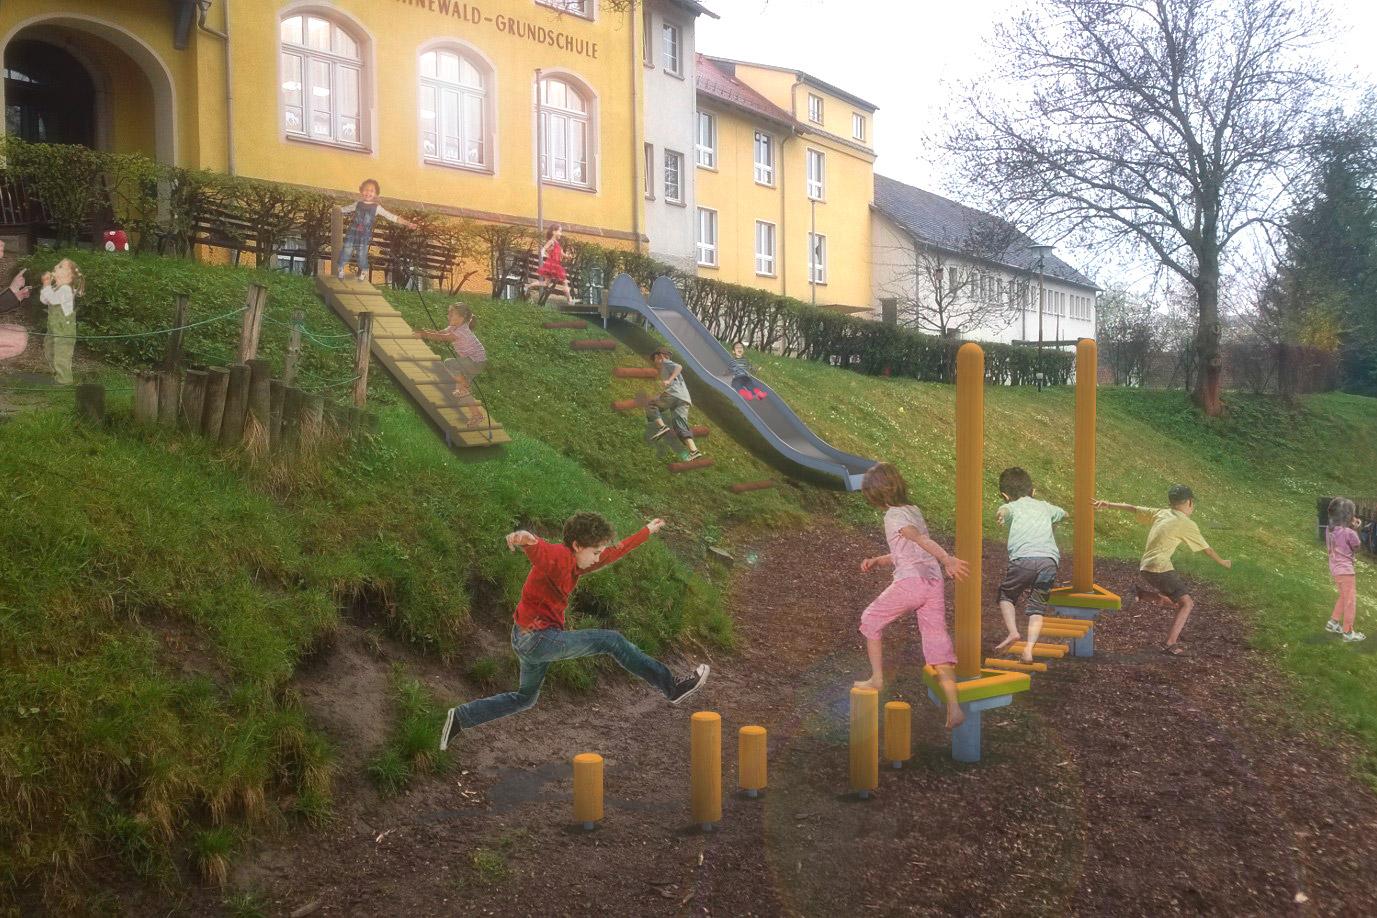 Bewegungsförderung –computeranimierter Planungsentwurf einer Grundschule mit bewegungsfördernden Spielplatzelementen